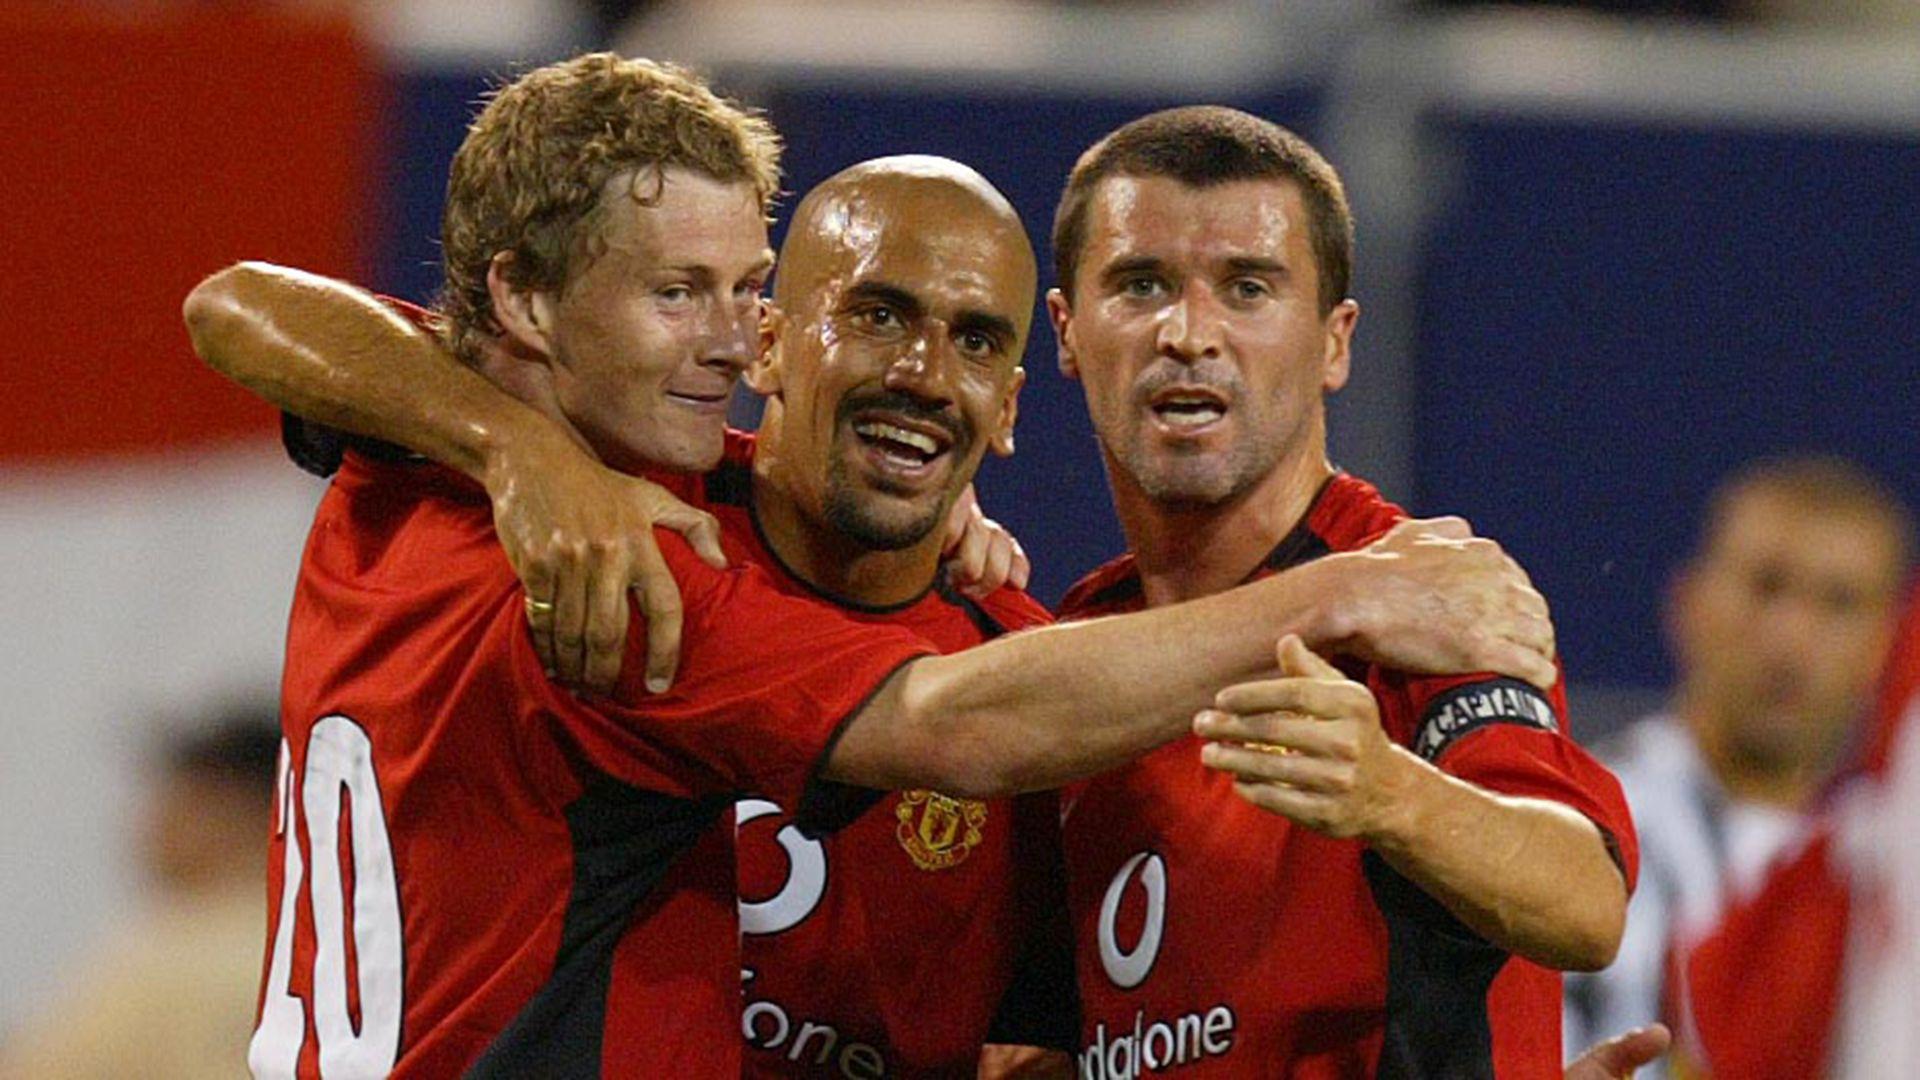 Verón jugó dos temporadas en el Manchester United entre 2001 y 2003 Foto: Shutterstock